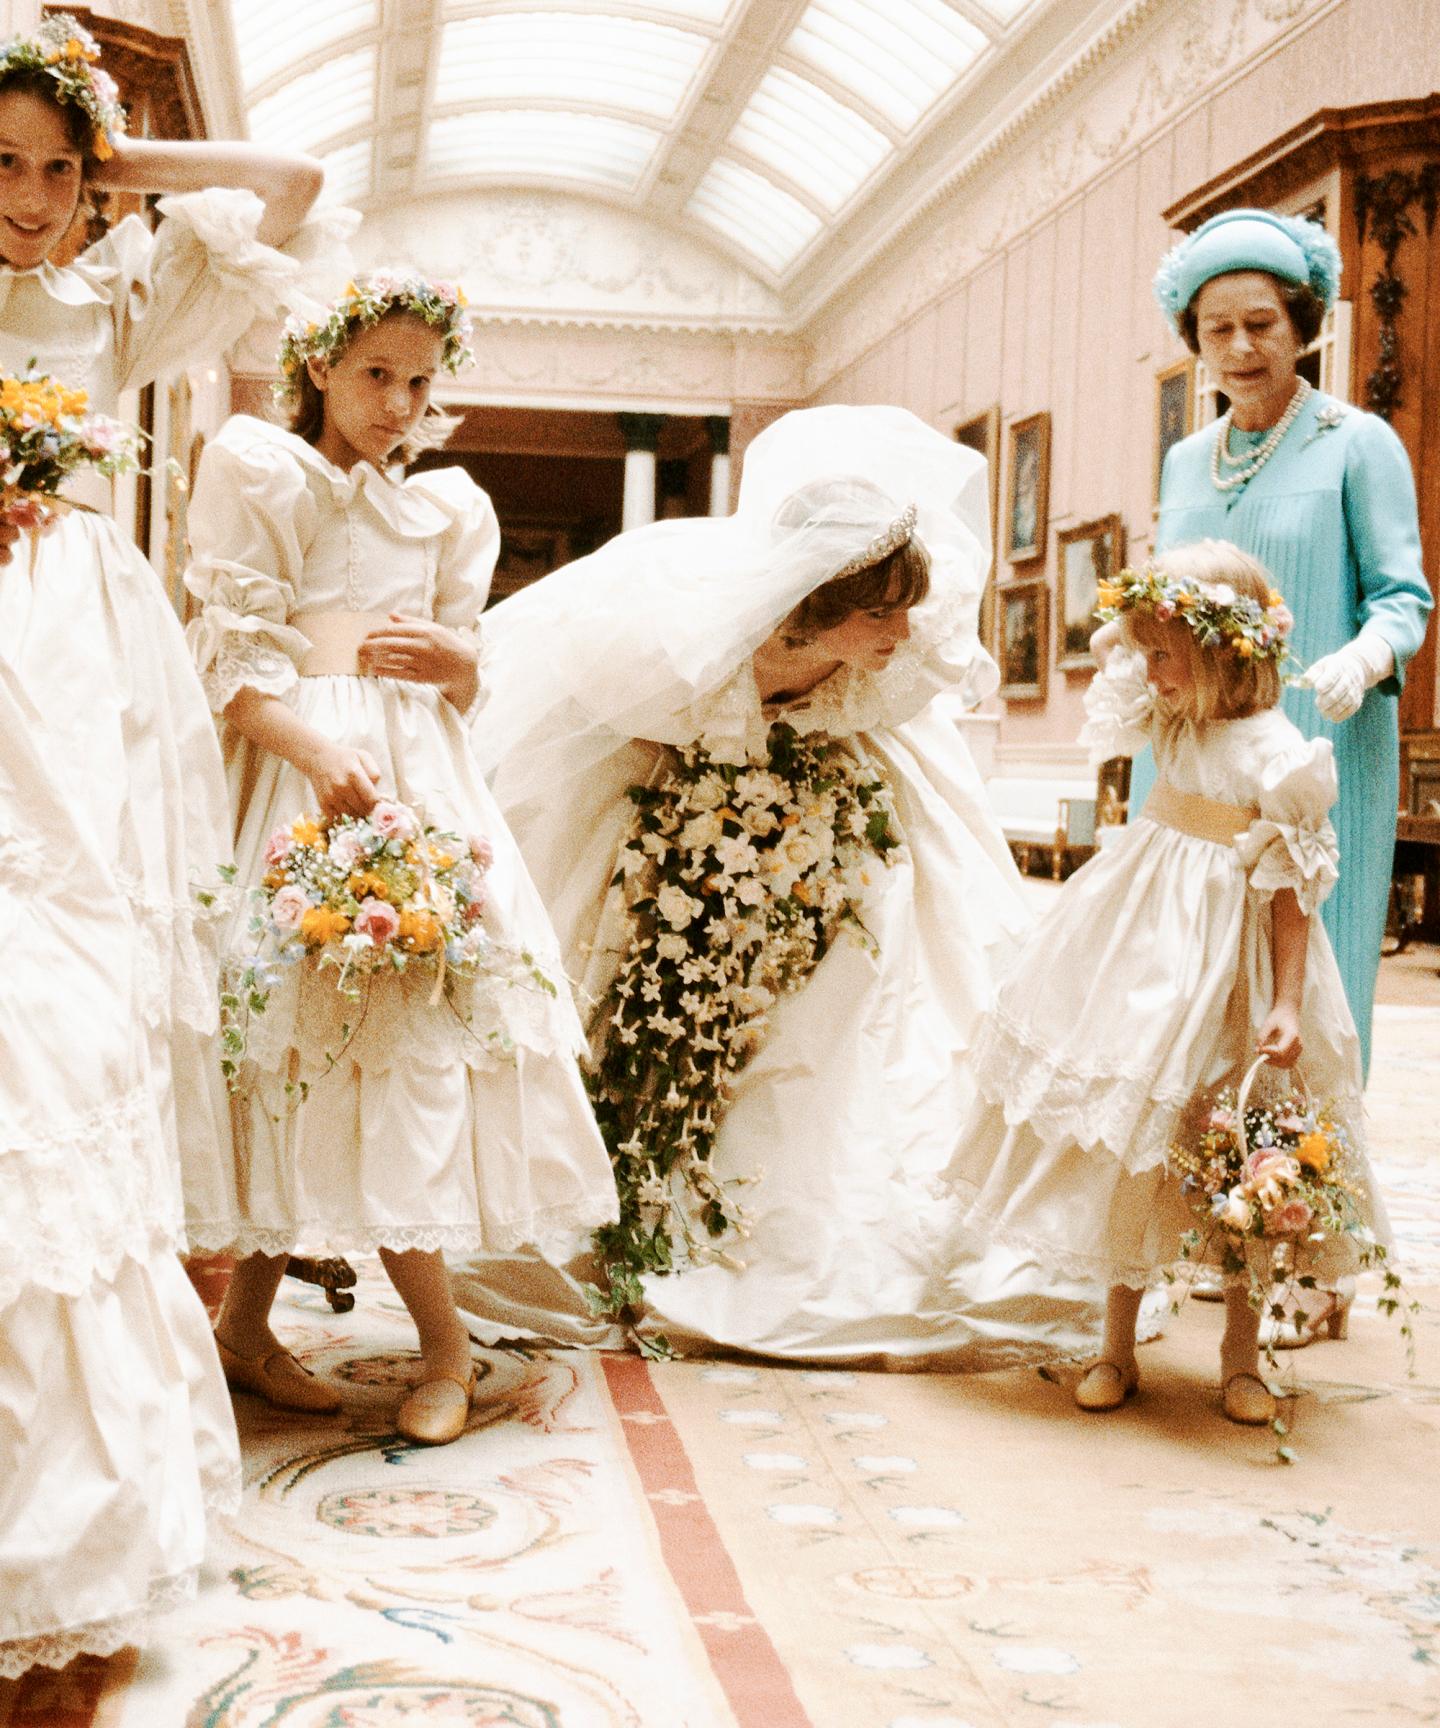 35 Jahre Royal Wedding: Die Hochzeit Von Prince Charles